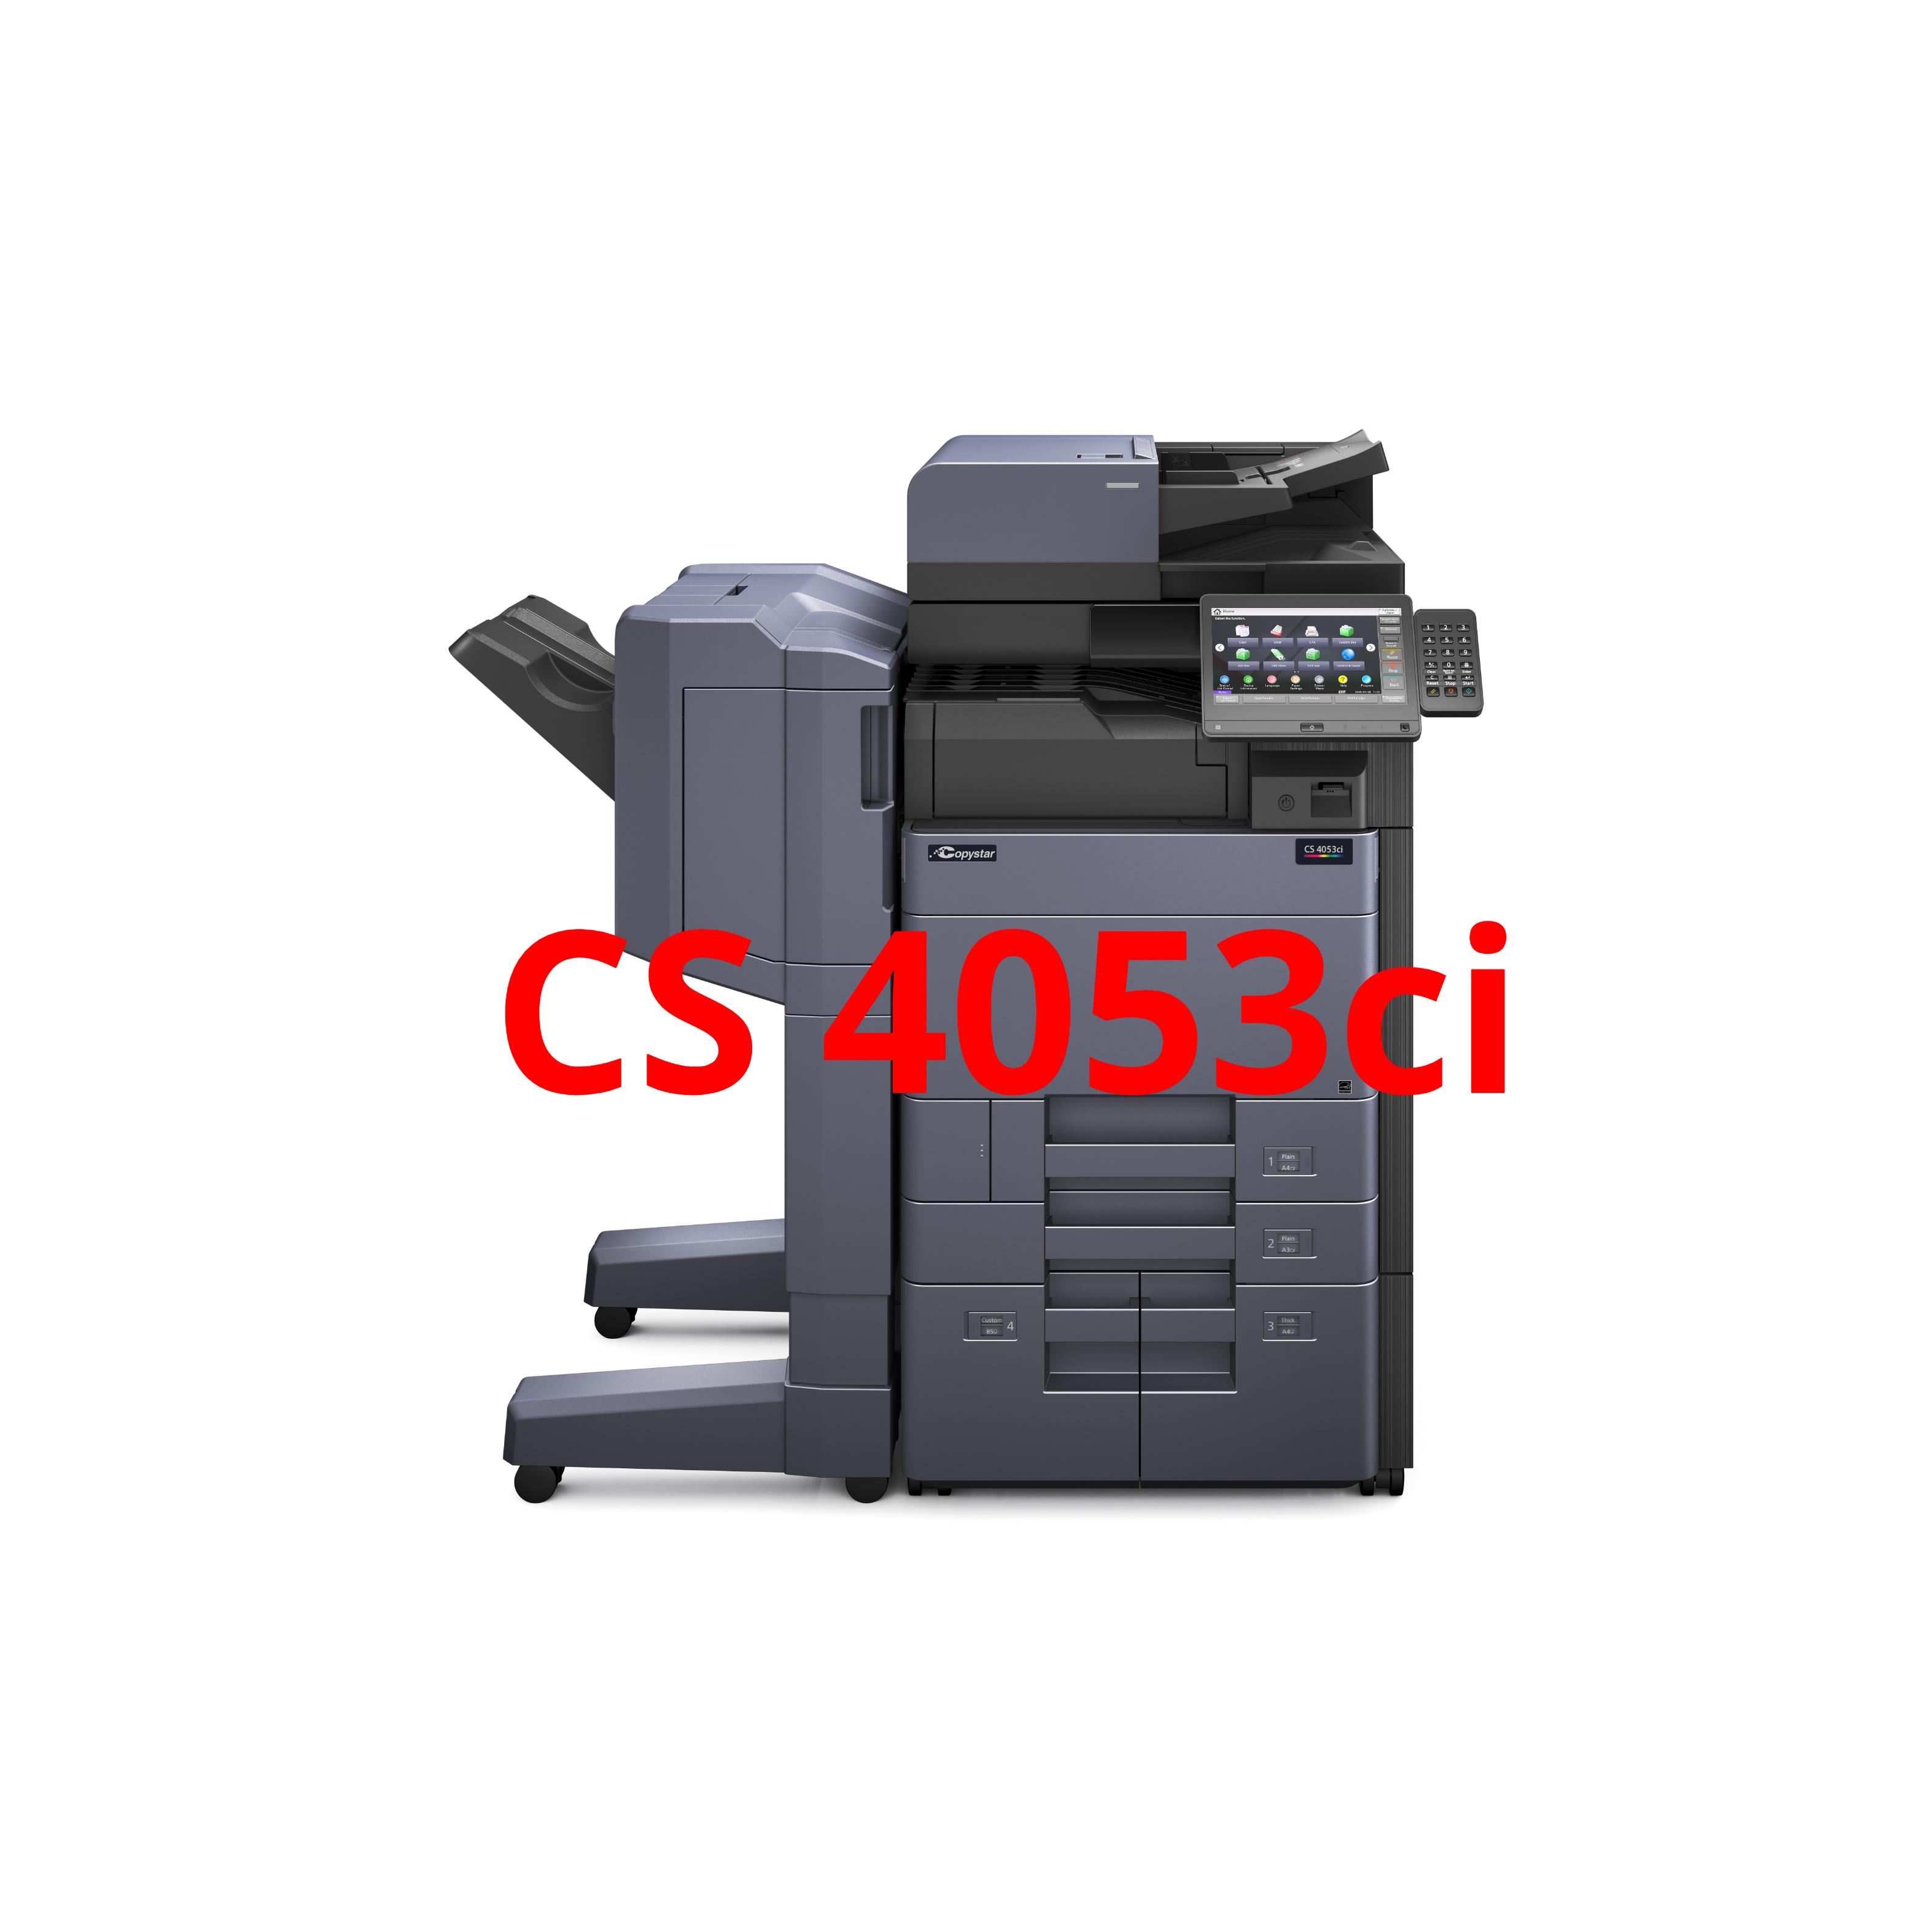 https://0201.nccdn.net/4_2/000/000/064/d40/CS_4053ci_Image4-3162x3162.jpg